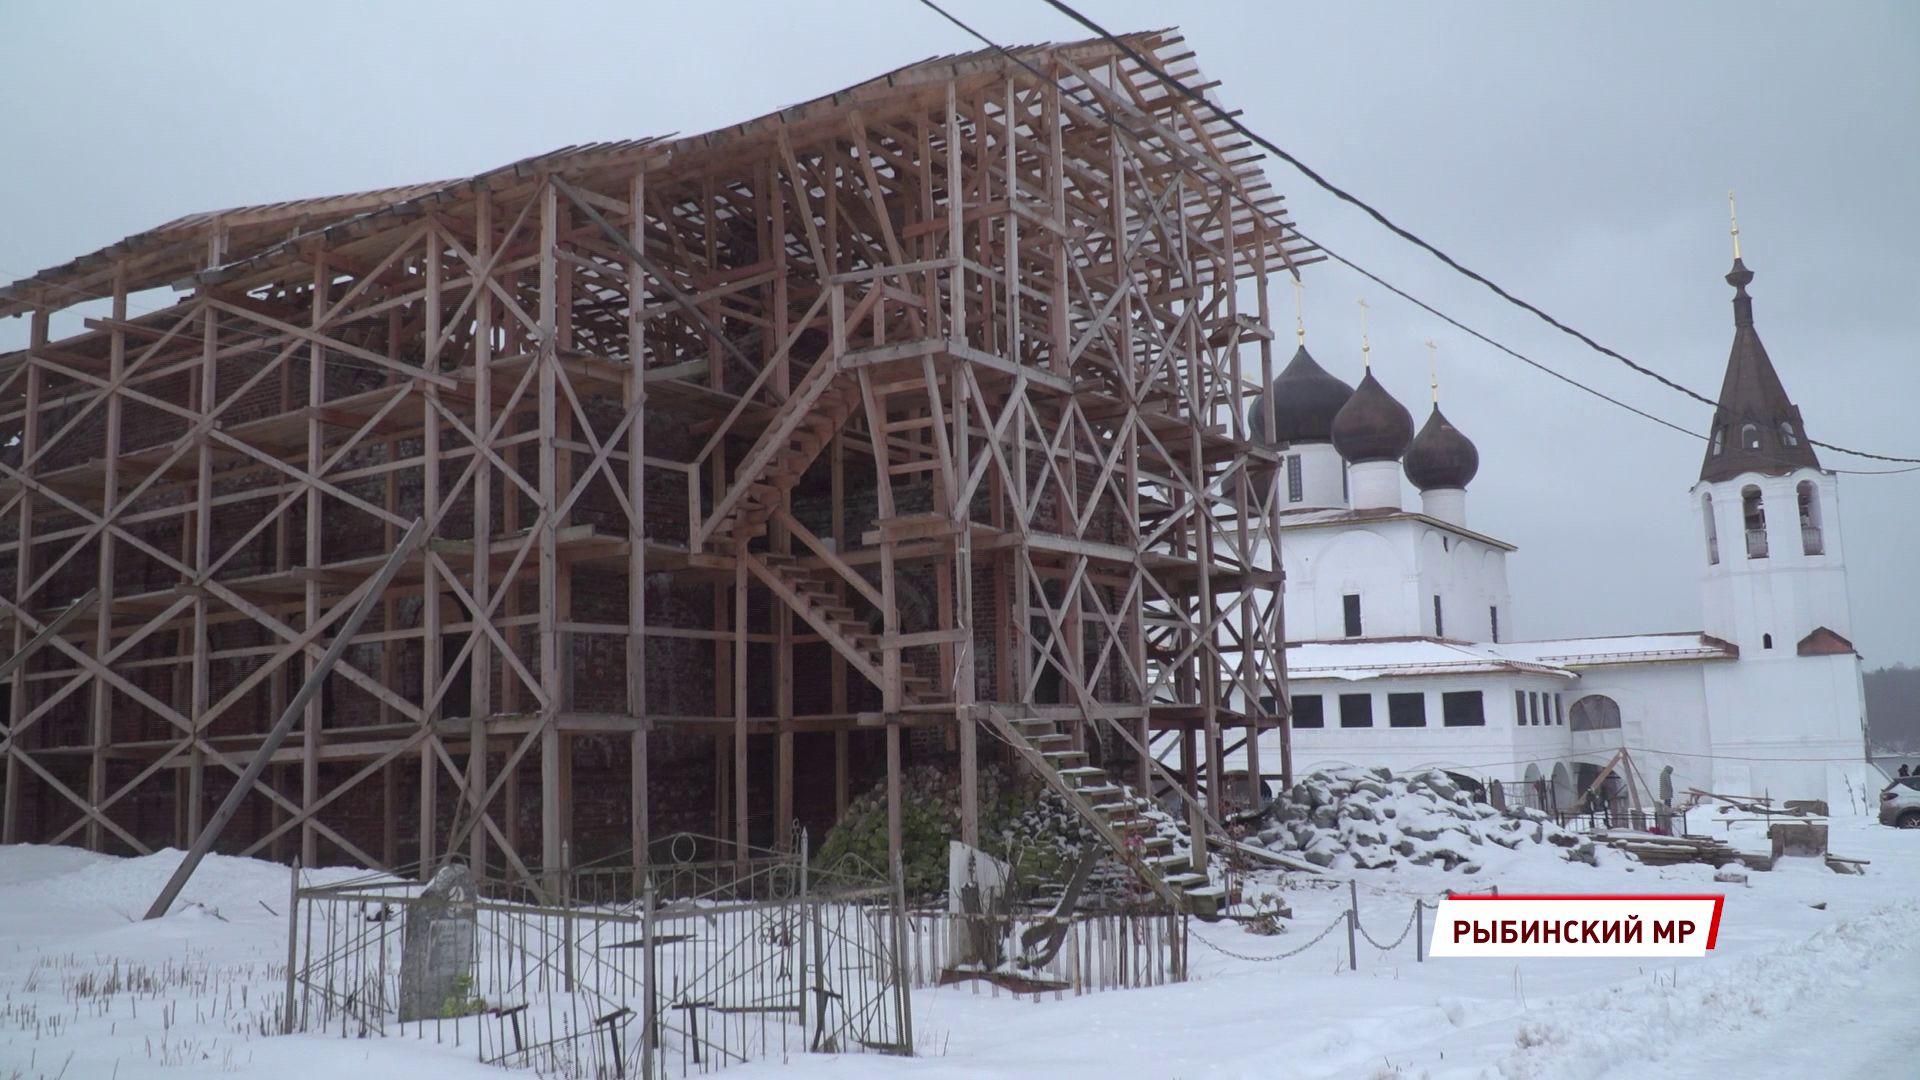 Дмитрий Миронов: «Храмовый комплекс в Хопылево обладает большим туристическим потенциалом»